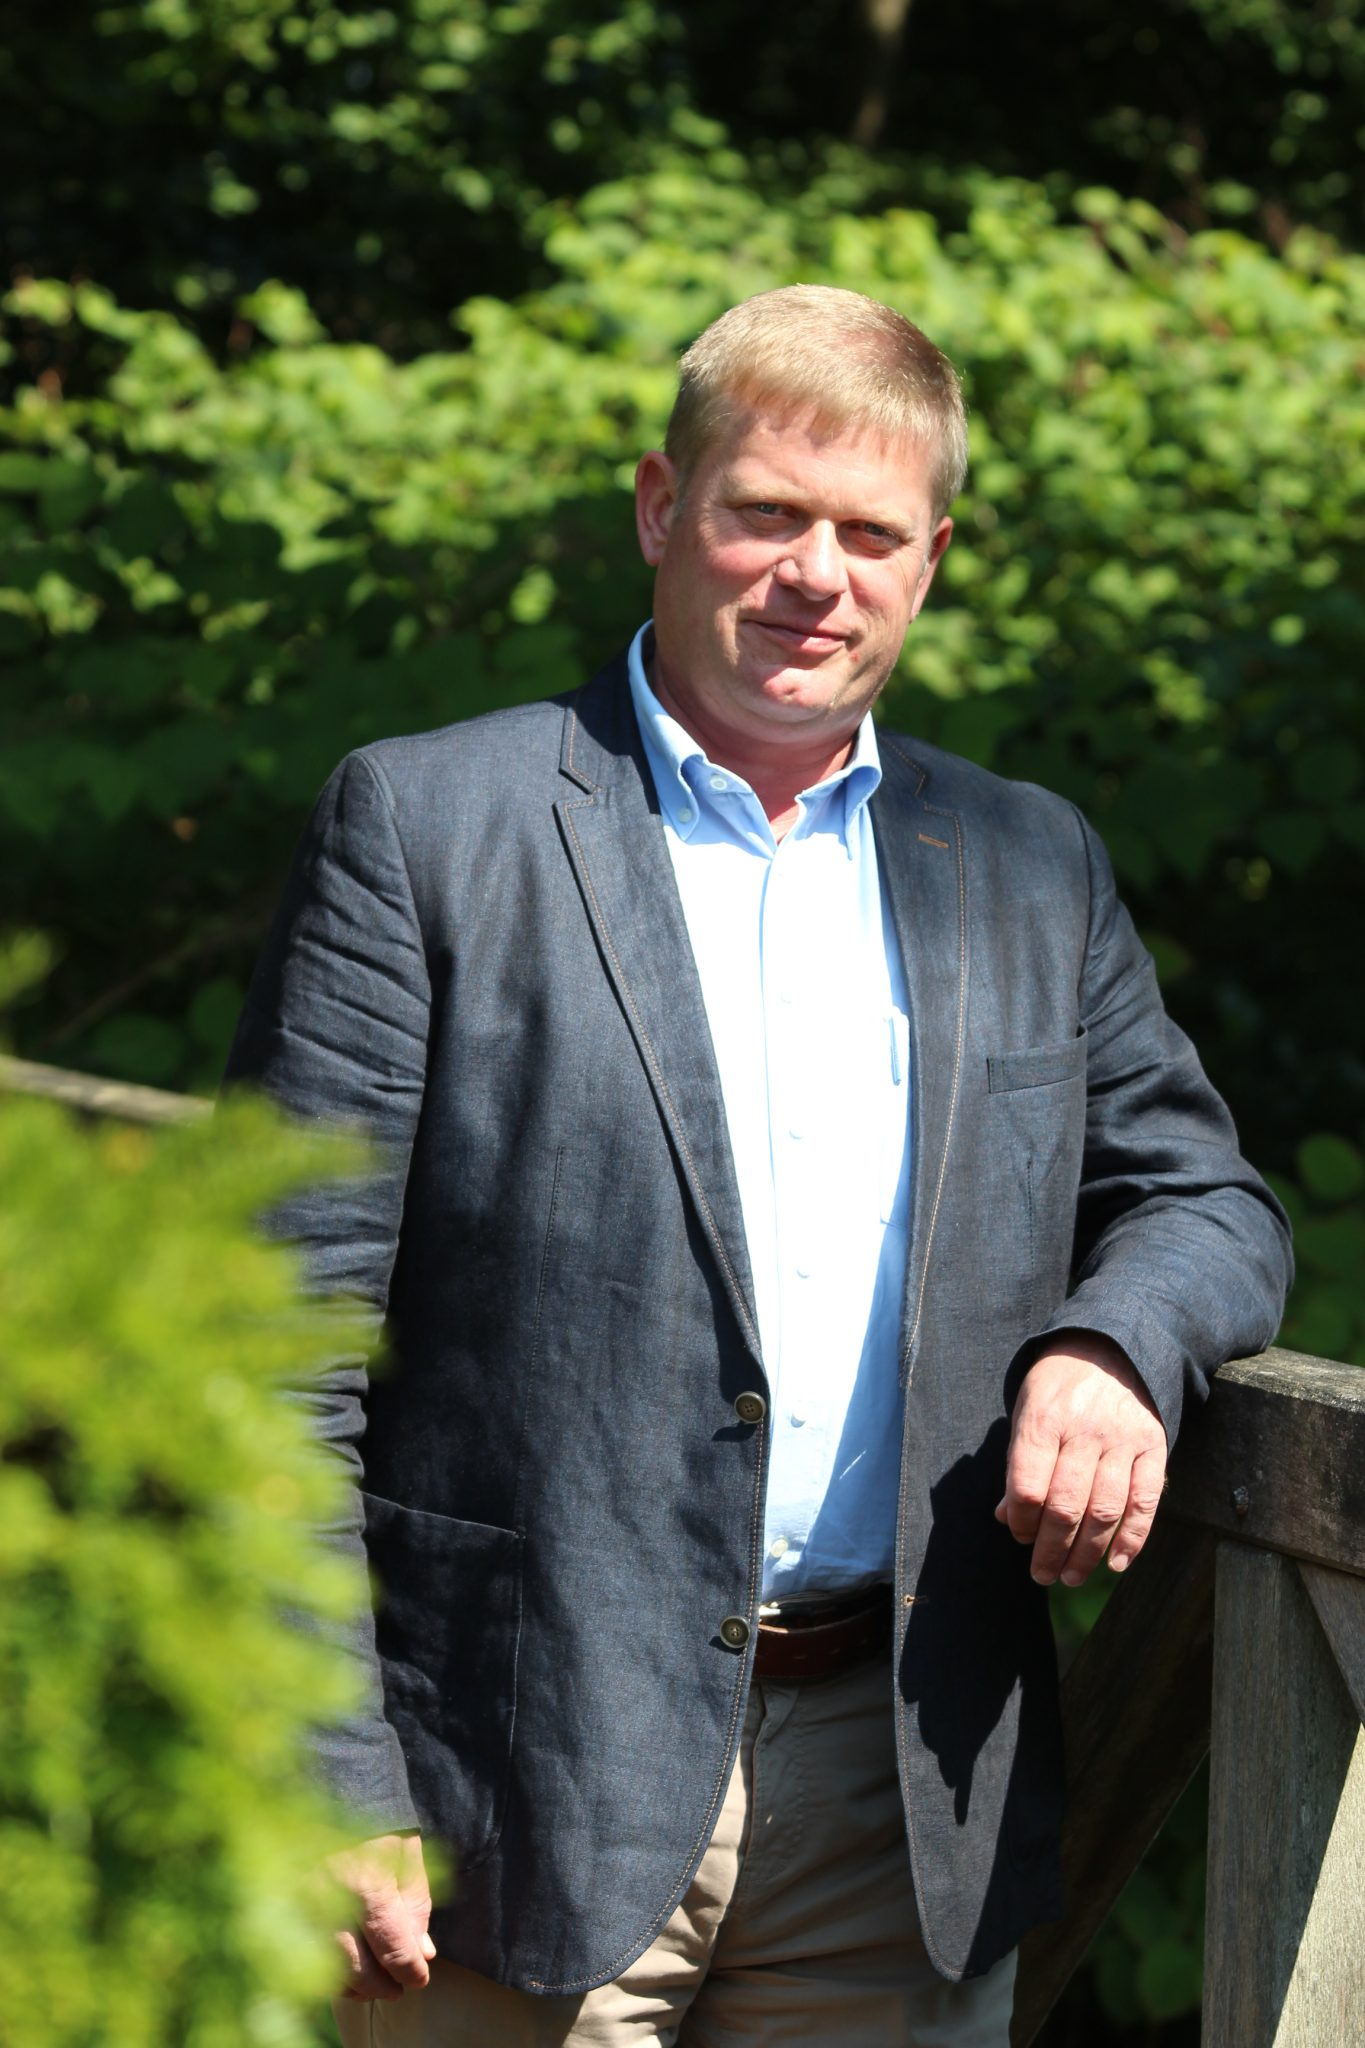 Heiner Stattmann